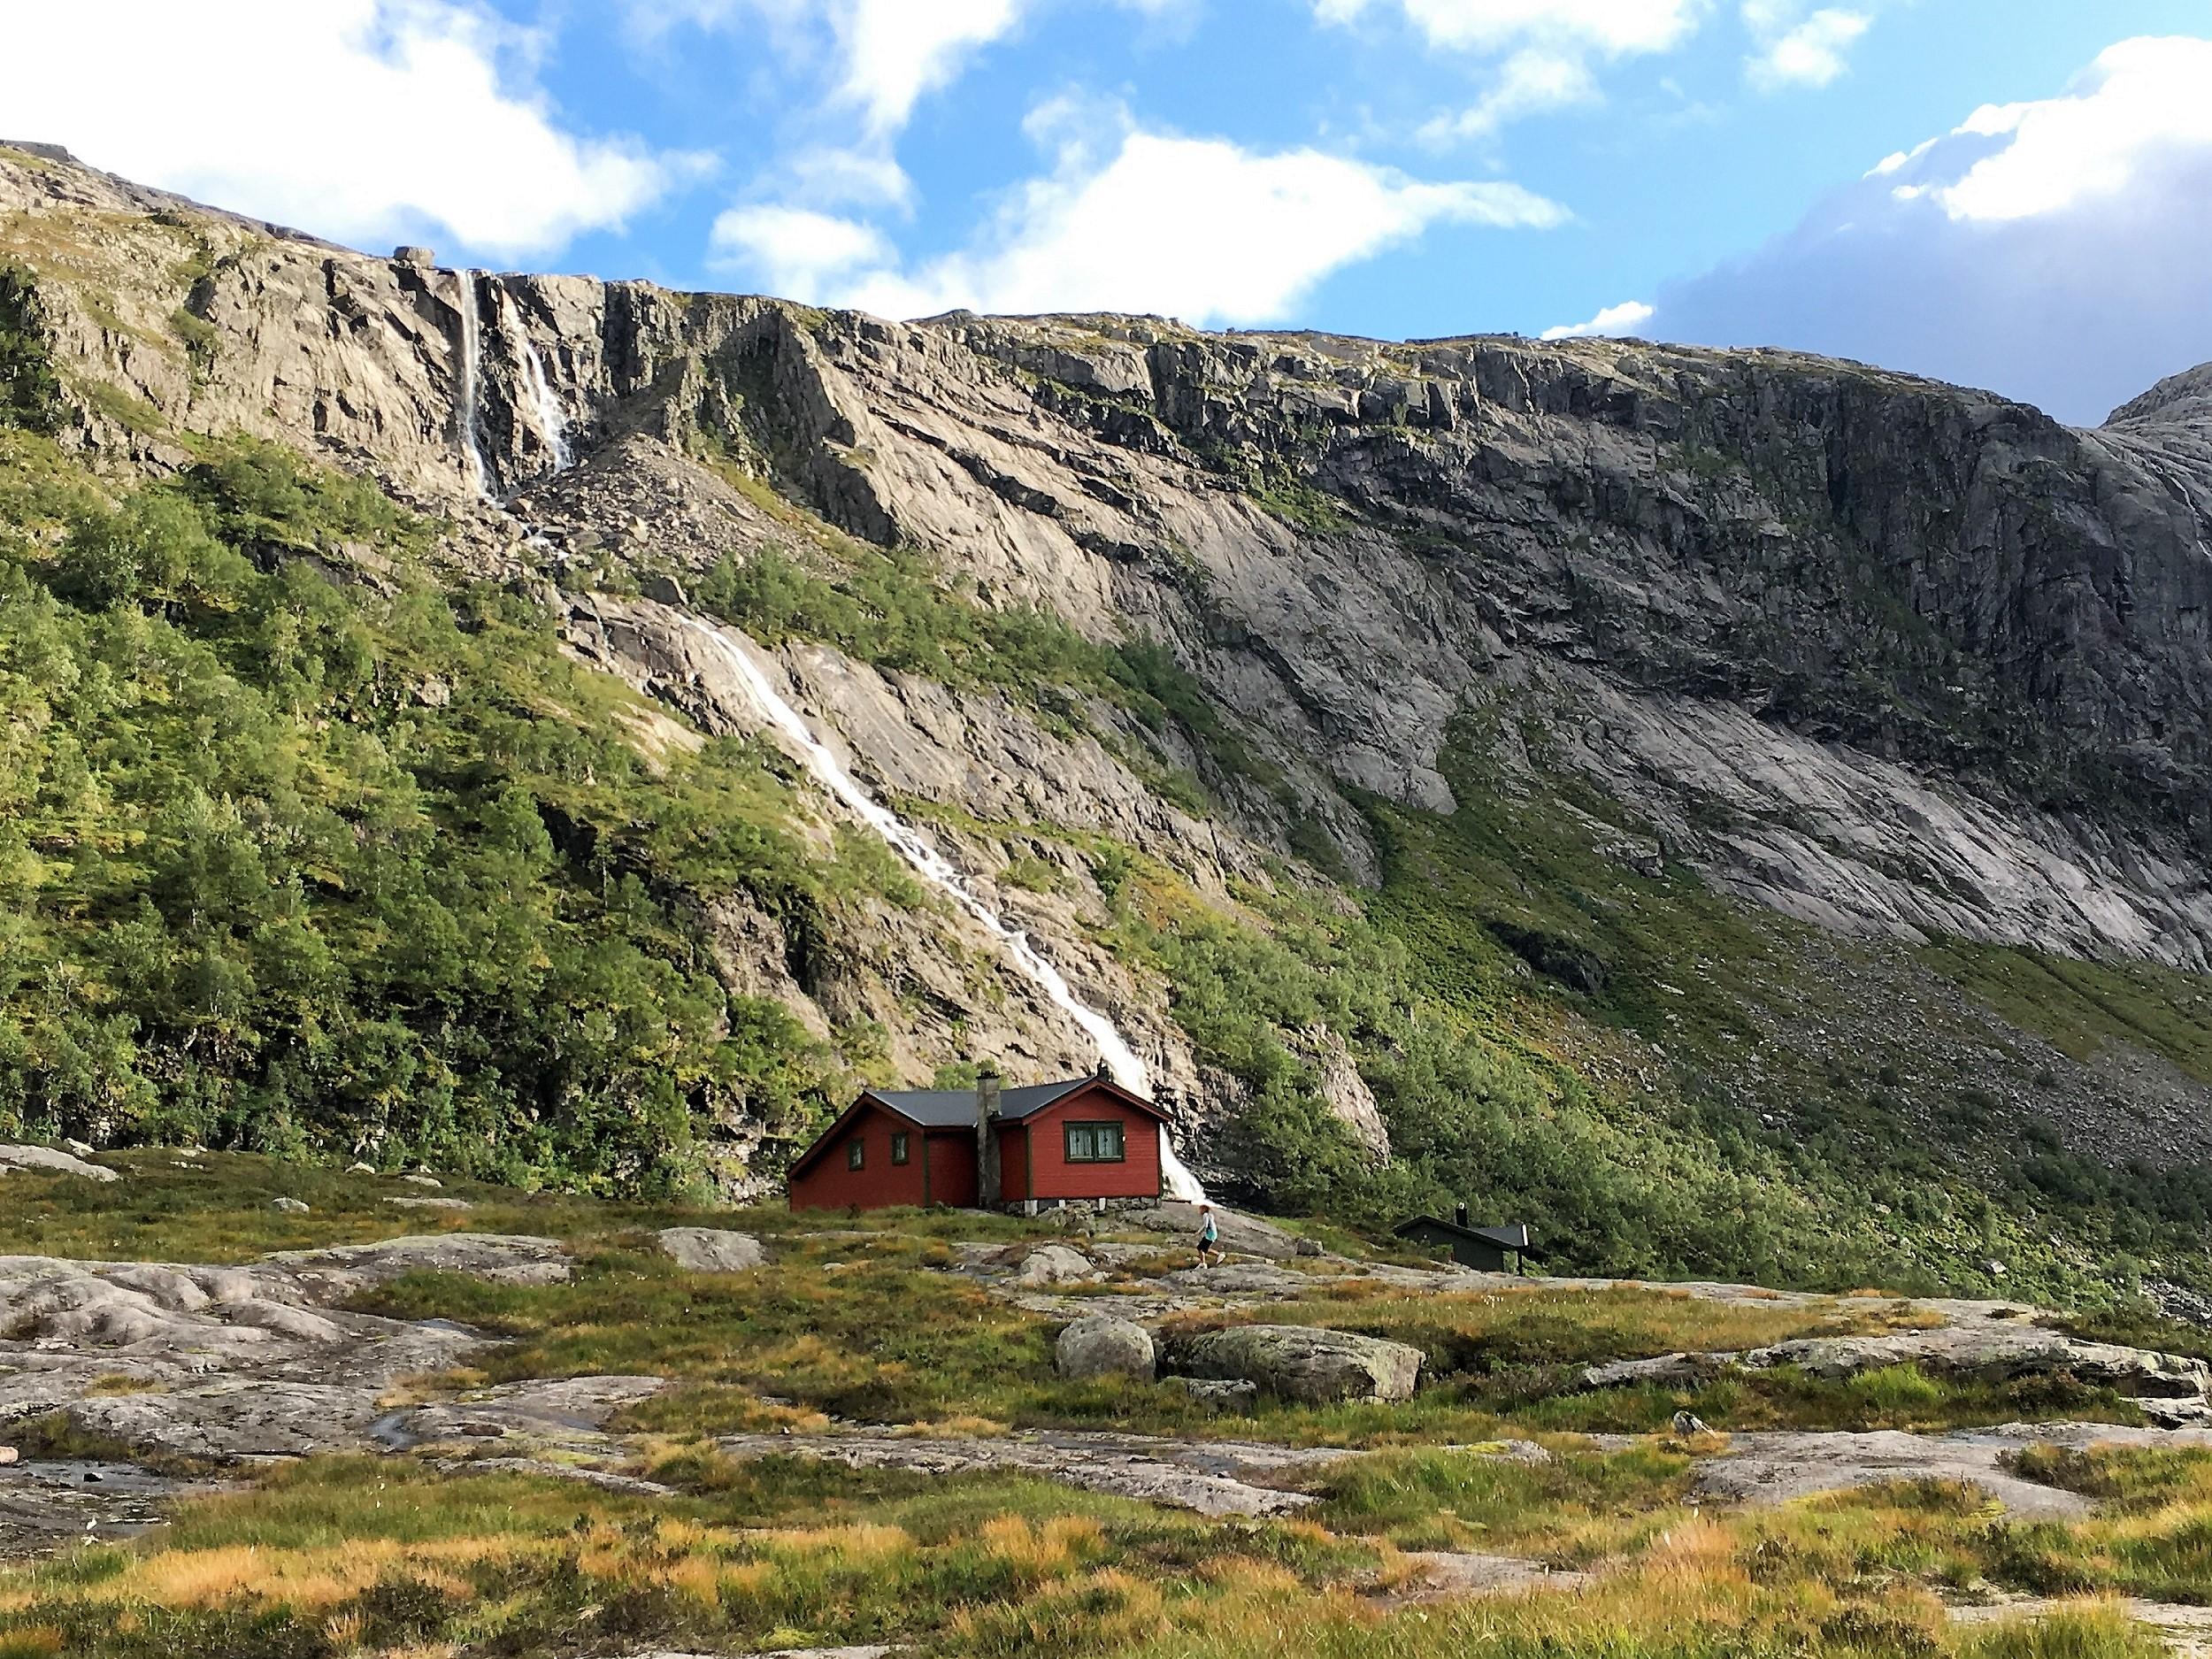 Stavanger régió látnivalói